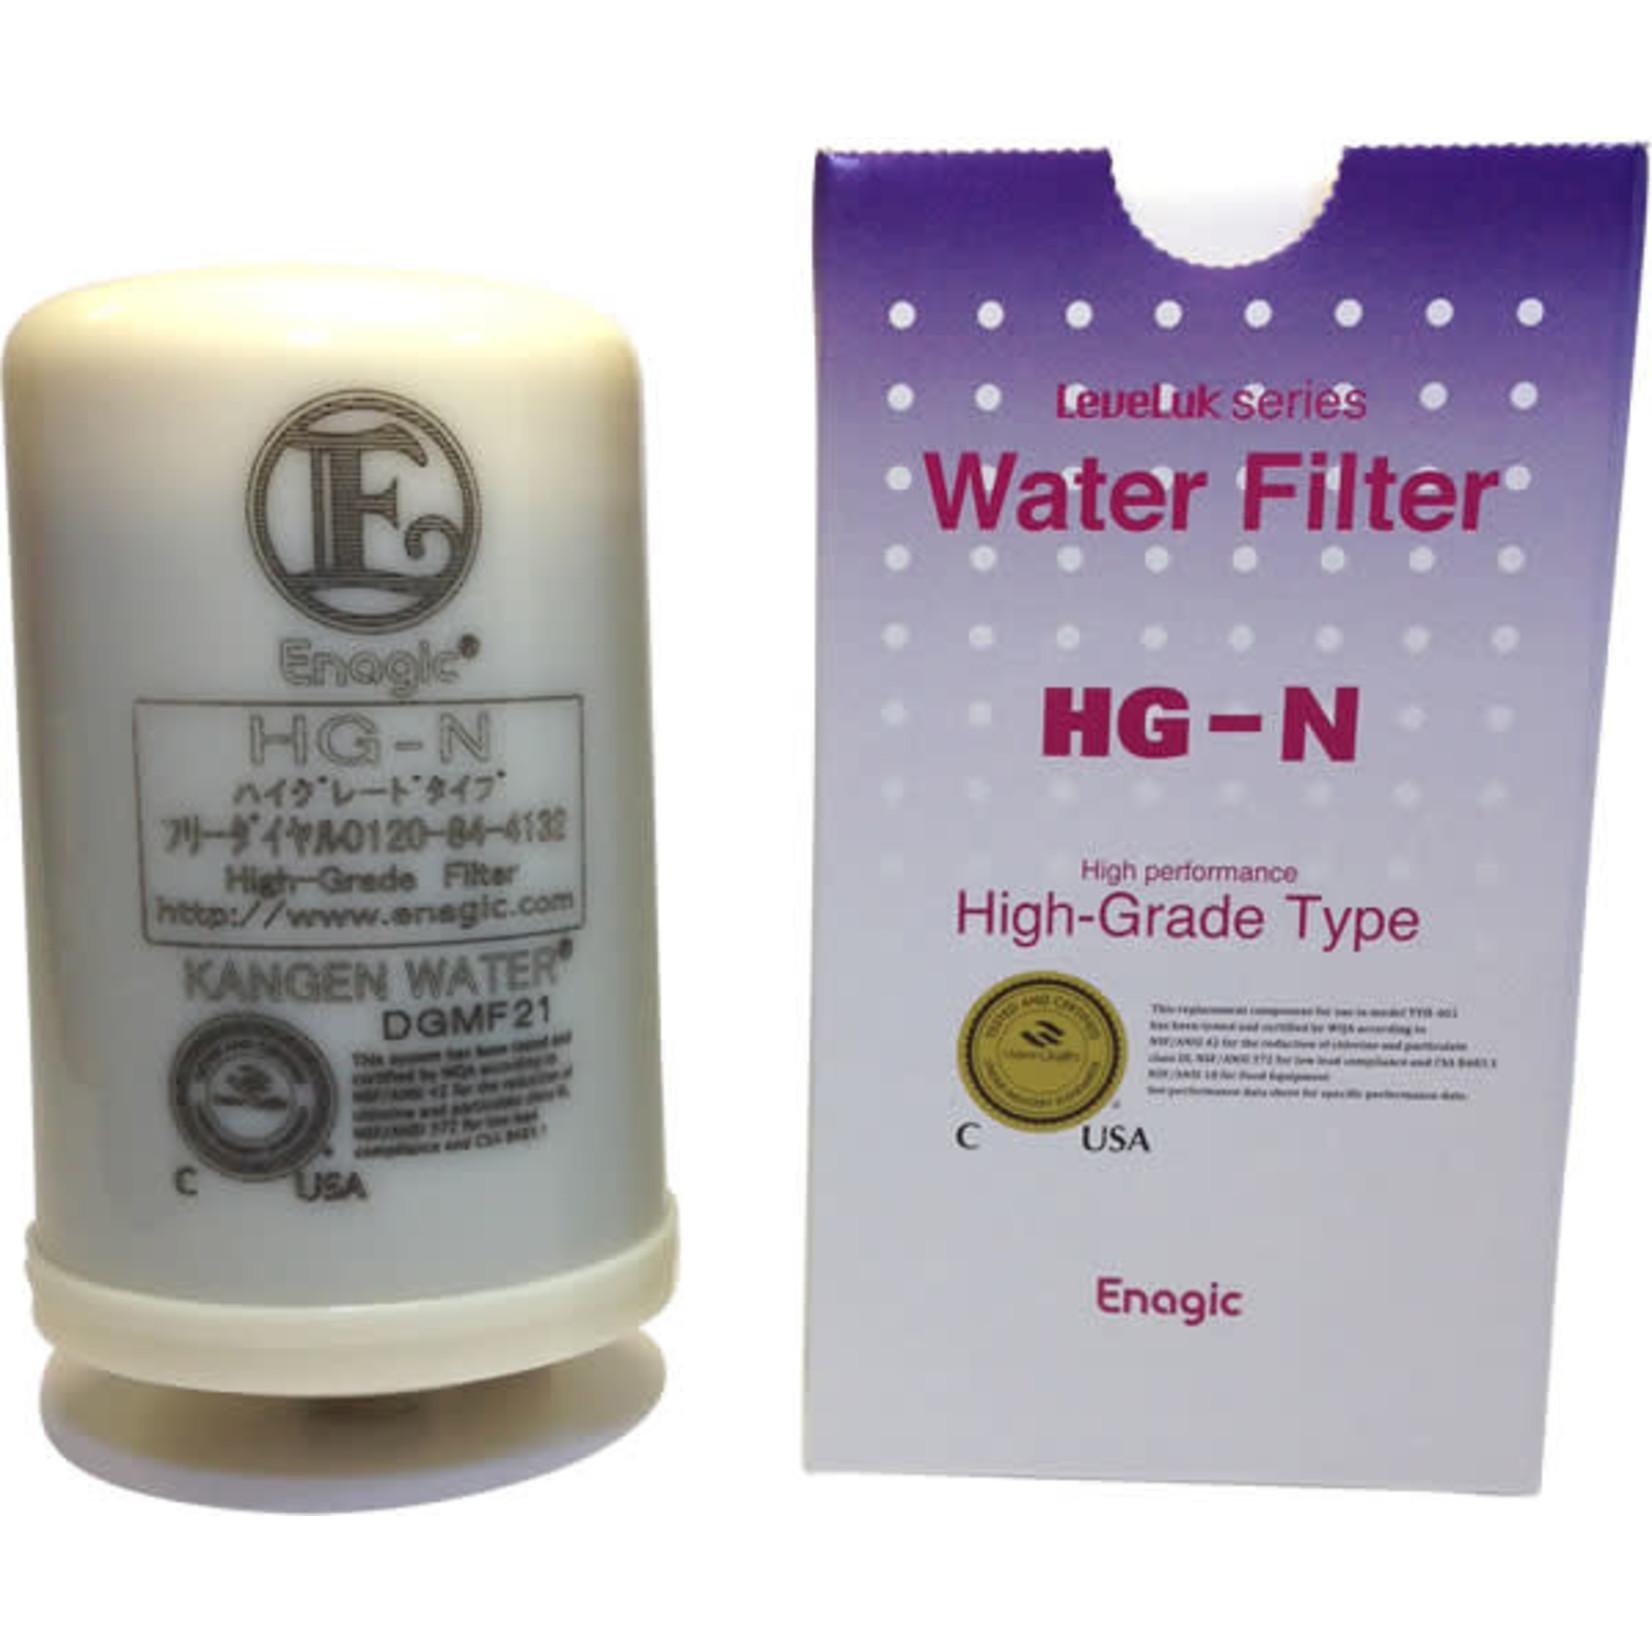 Enagic Kangen LeveLuk Water Filter HG-N